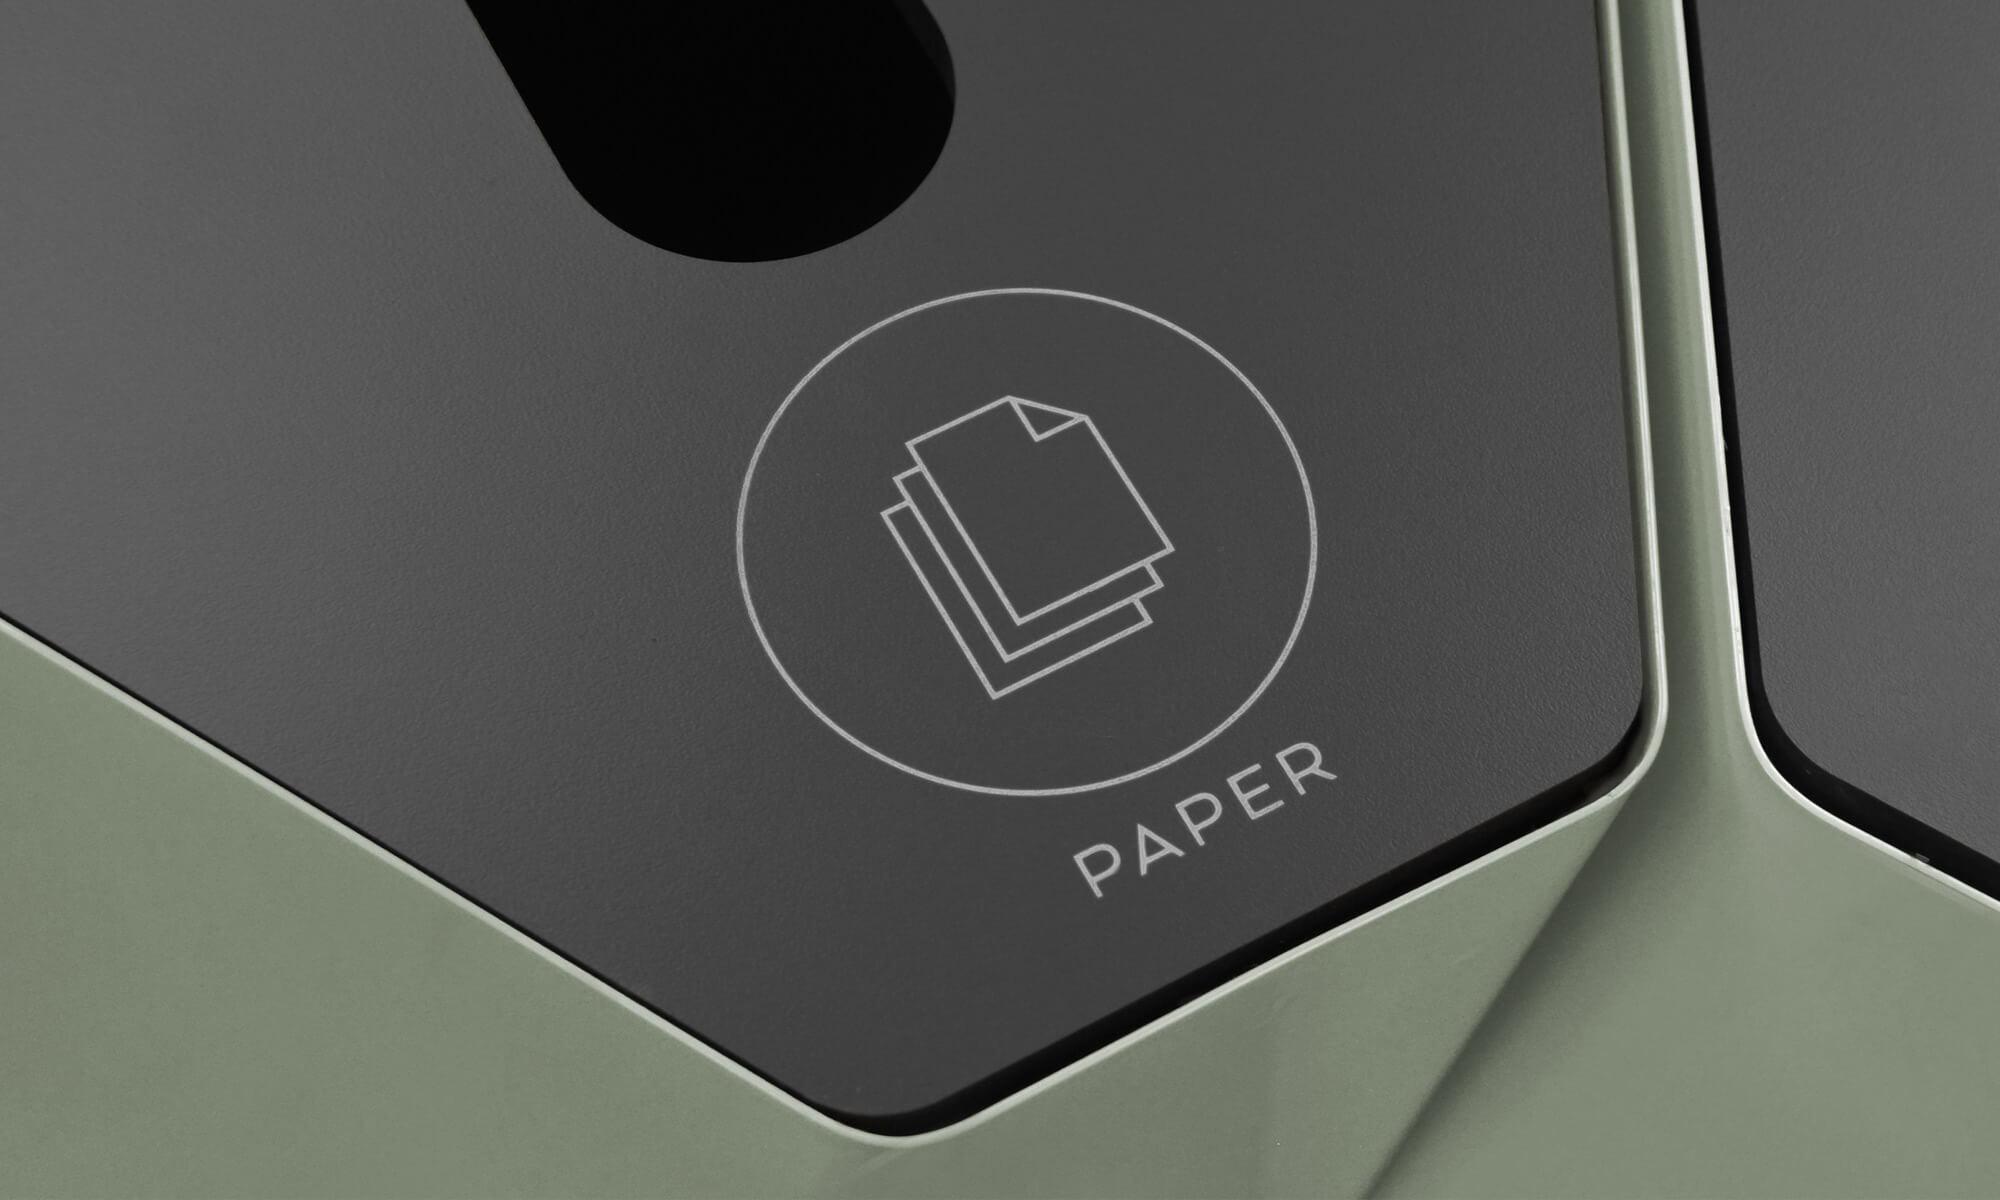 Kite_lock_symbol_trece papperskorg bin